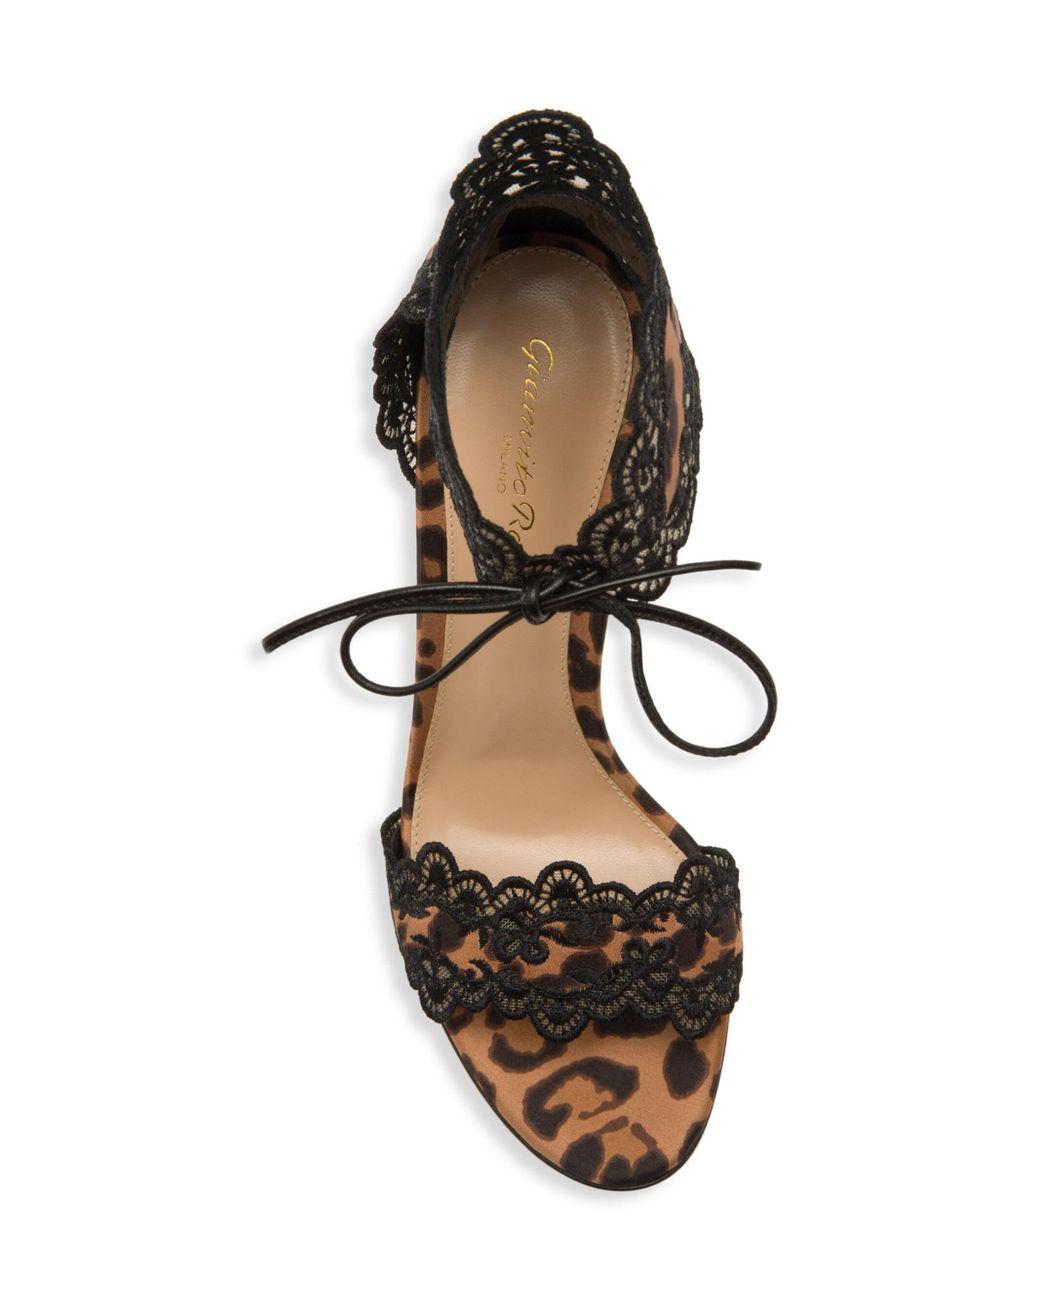 5d7b7fd0b555 Gianvito Rossi 105mm Leopard Print Satin Sandals in Black - Save 60% - Lyst